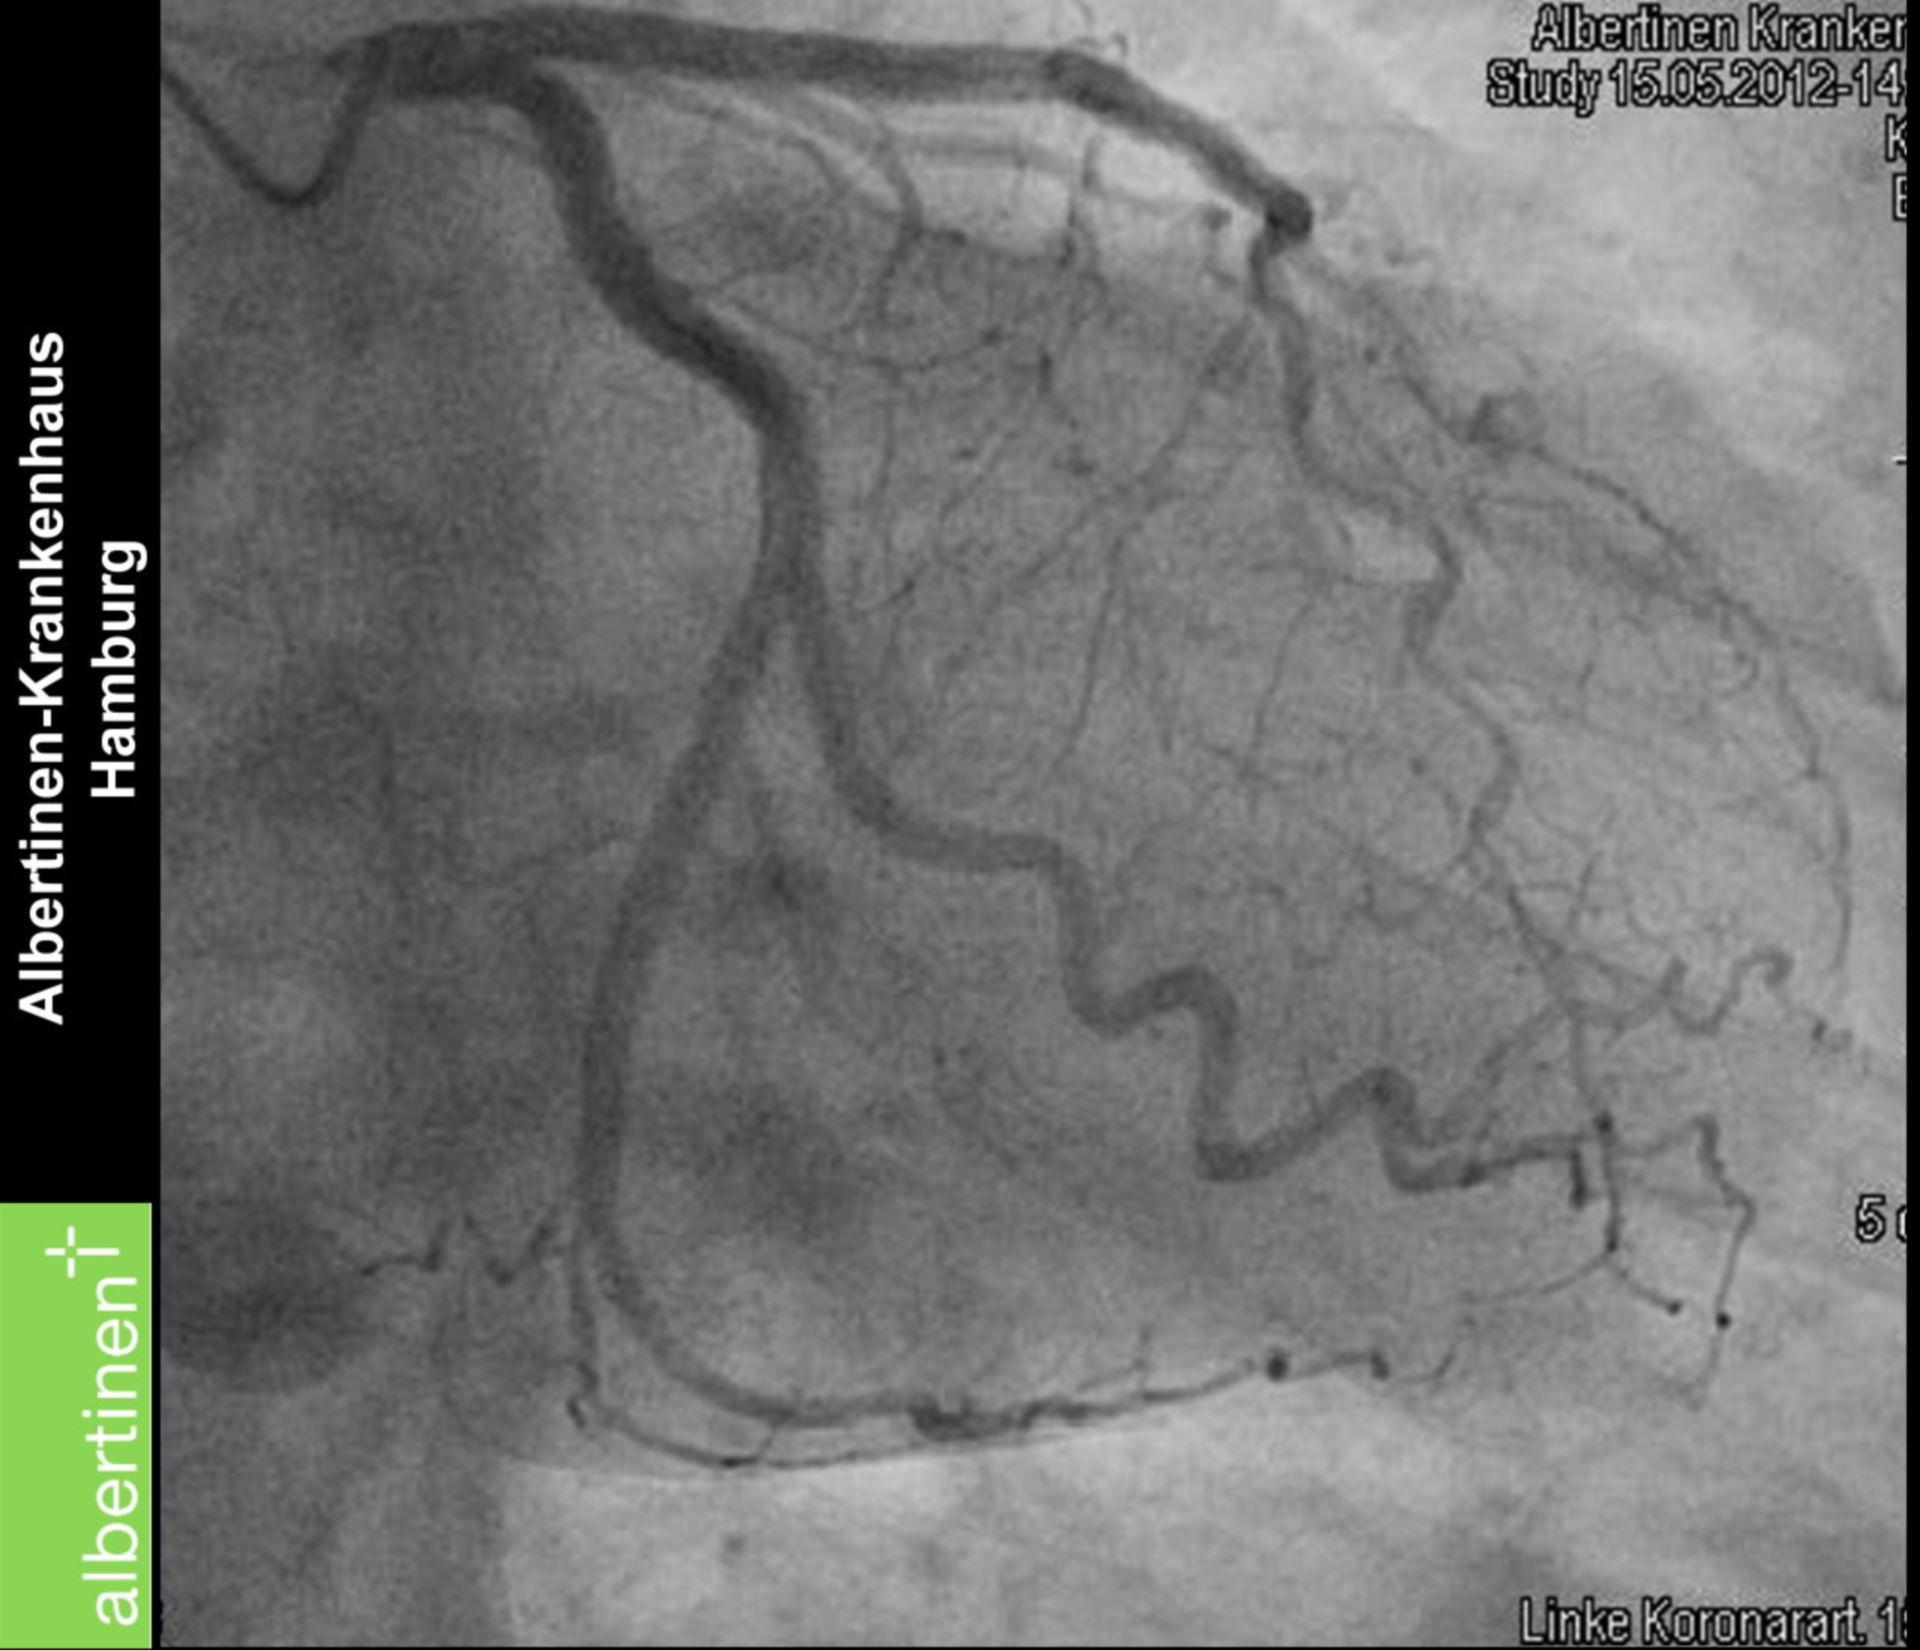 Left Coronary Artery (Coronary Angiography)